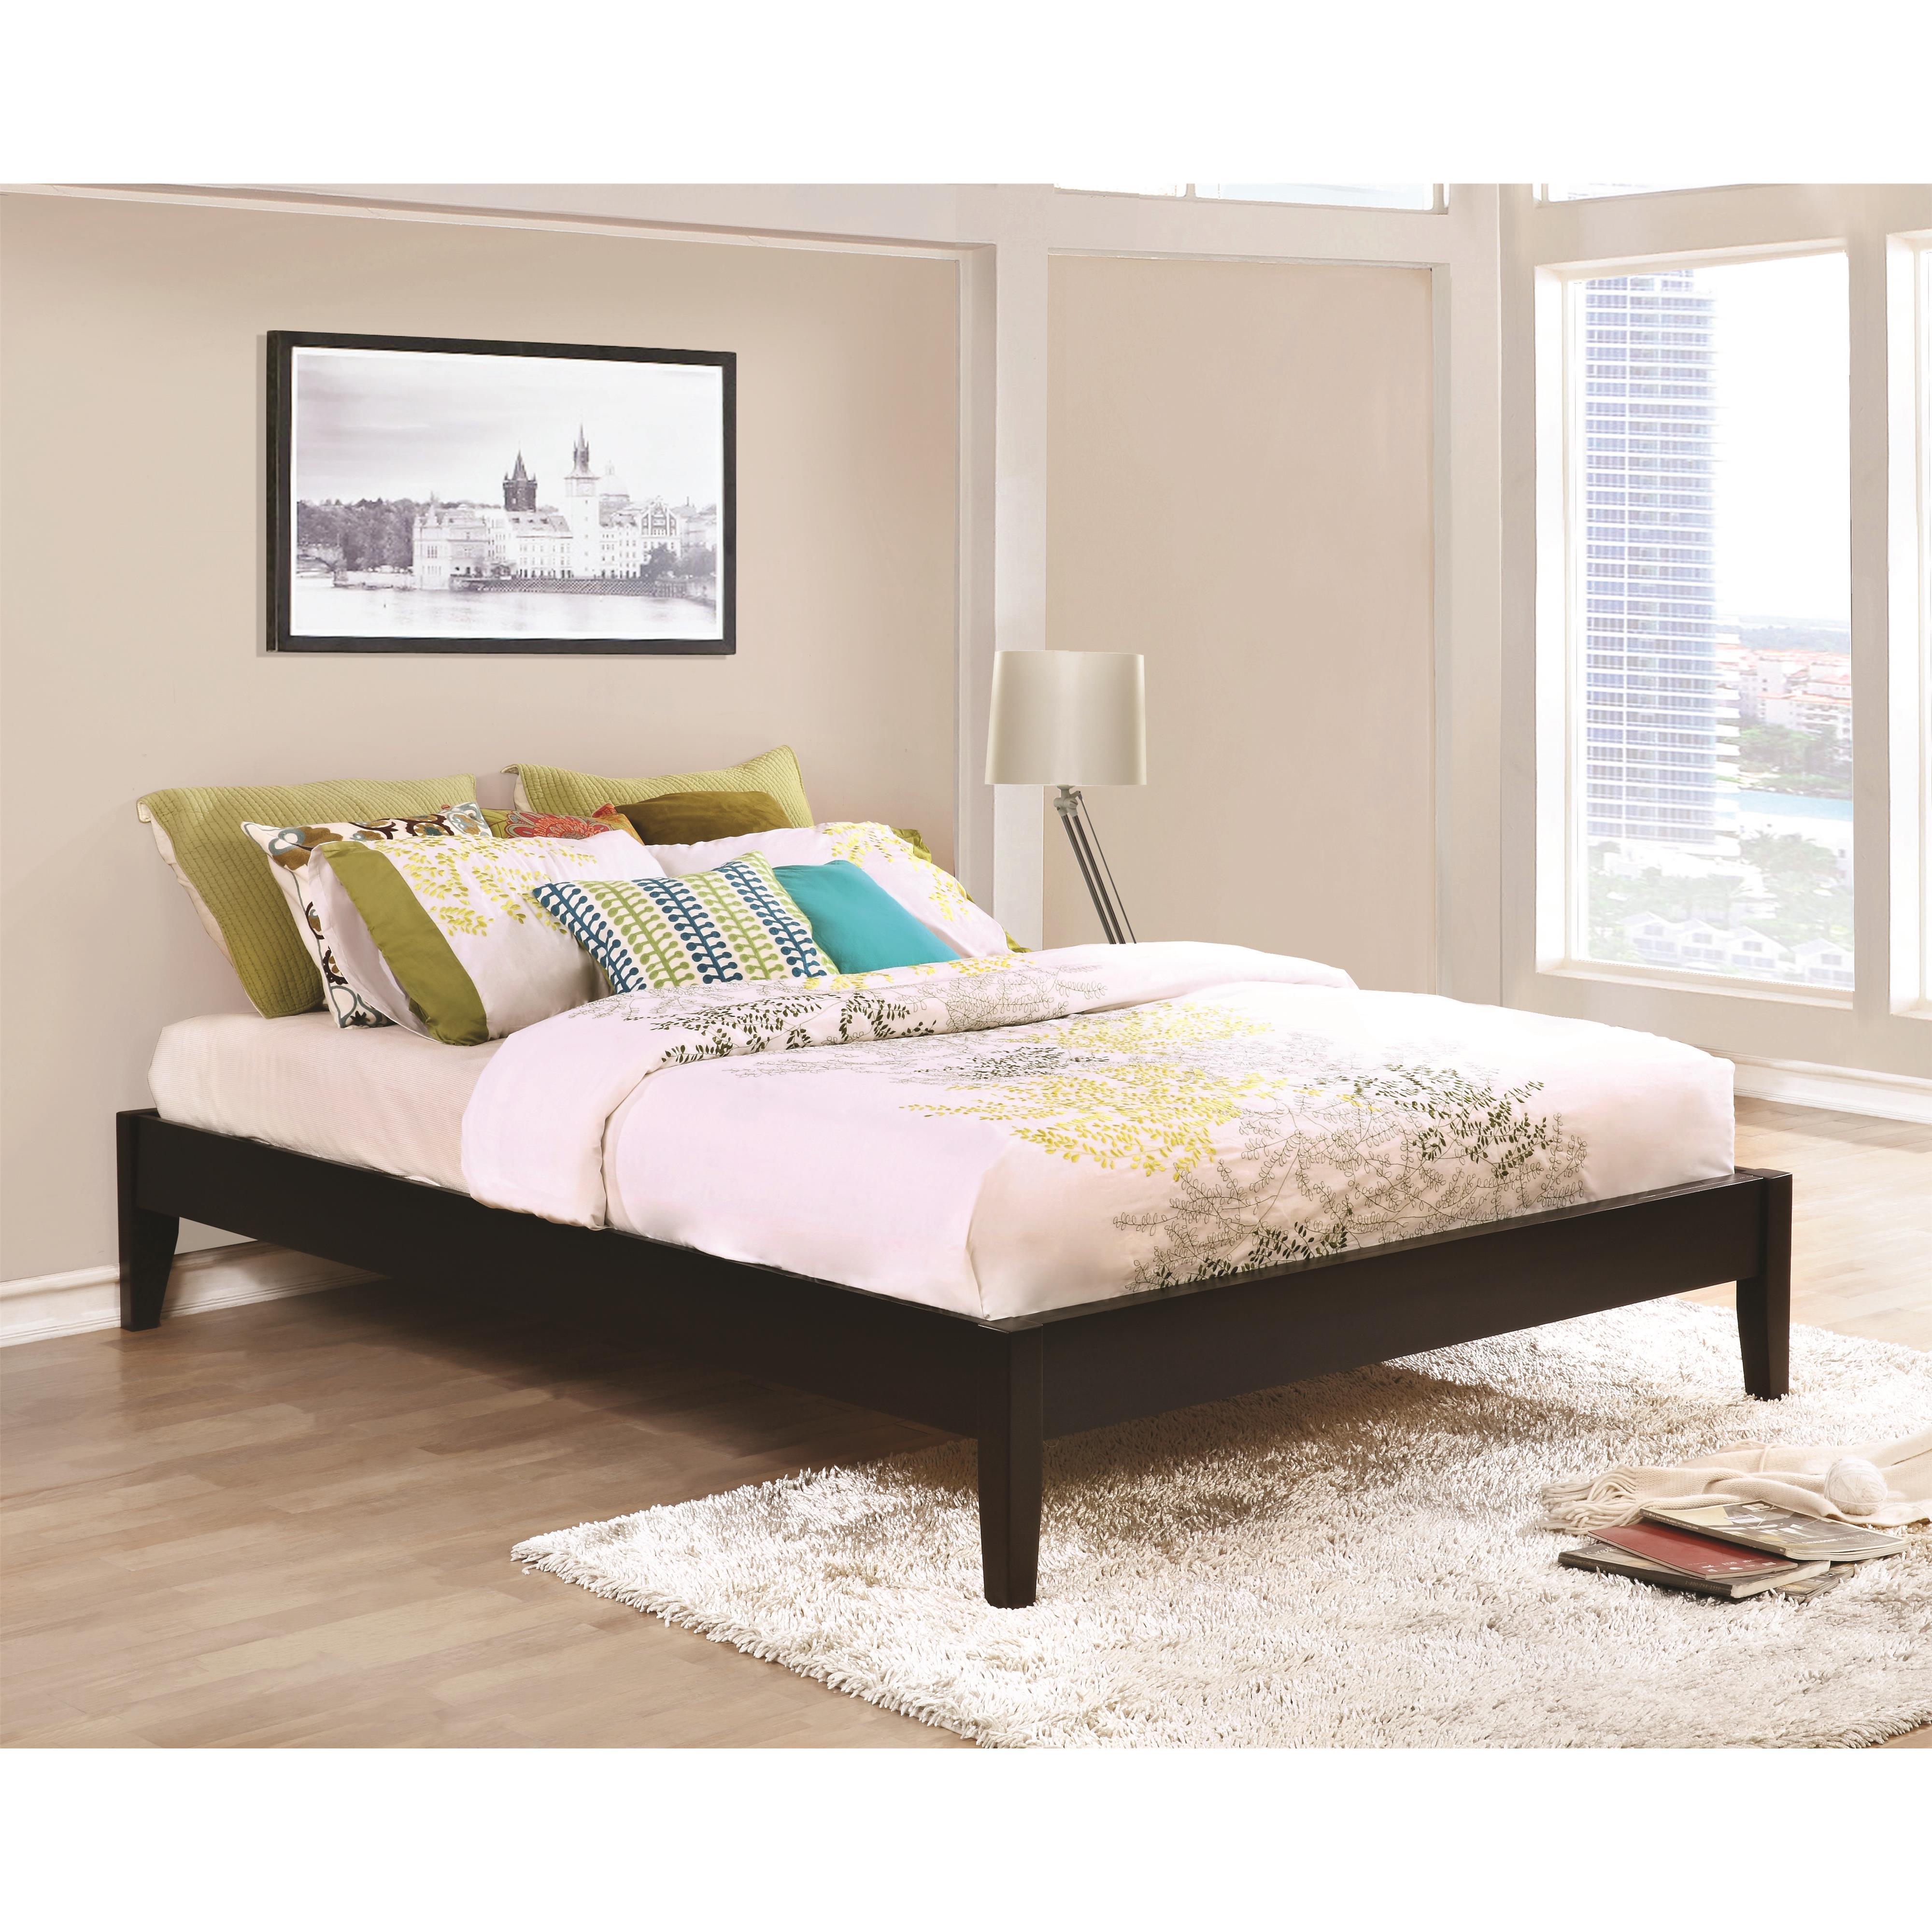 Coaster Hounslow King Platform Bed - Item Number: 300555KE